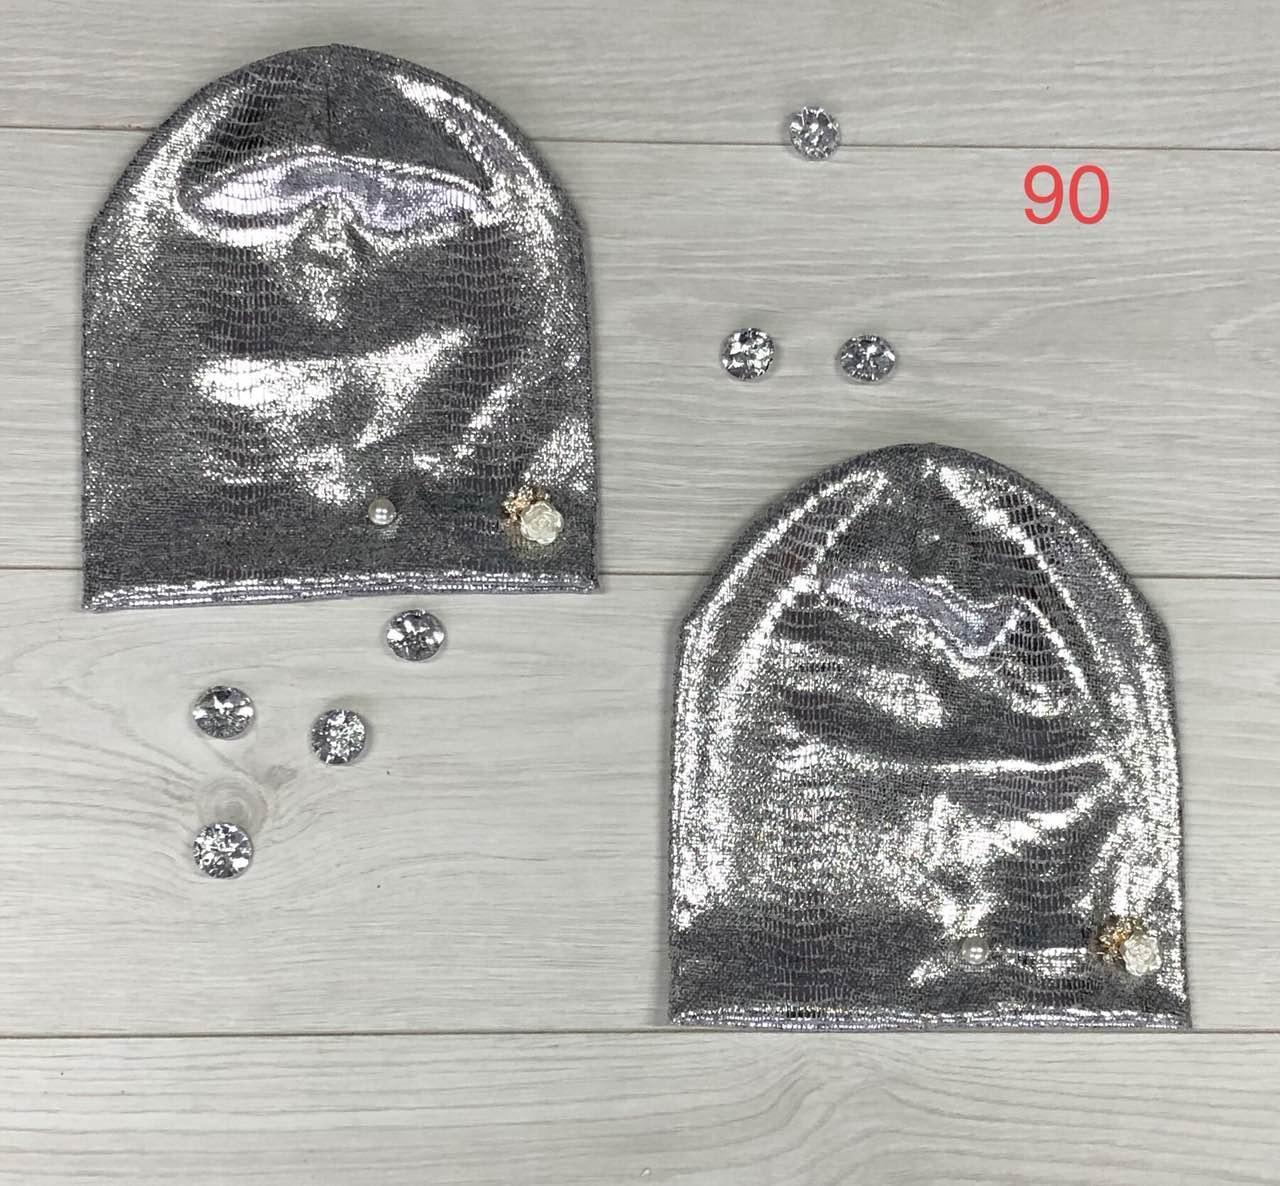 e6c28c074ea1b Производство шапок на заказ. Пошив детских, подростковых, женских, мужских  шапок оптом -